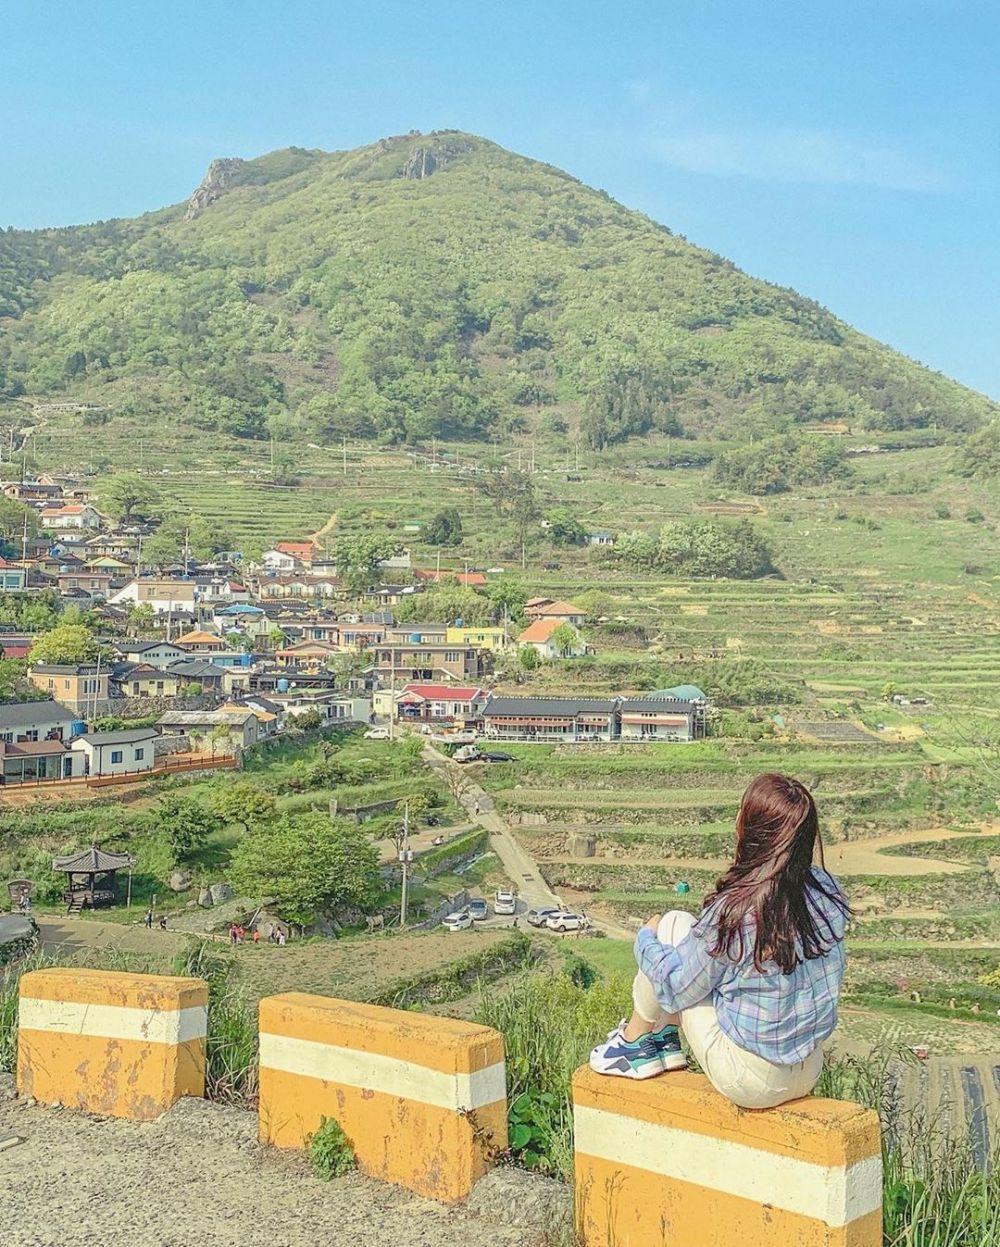 96270142 331039841207981 4993691174695129968 n 92e1e08f2c75ac510f6f717d92bbe30e - 5 Tempat Wisata Underrated di Korea Selatan, Ada yang Mirip Ubud Lho!